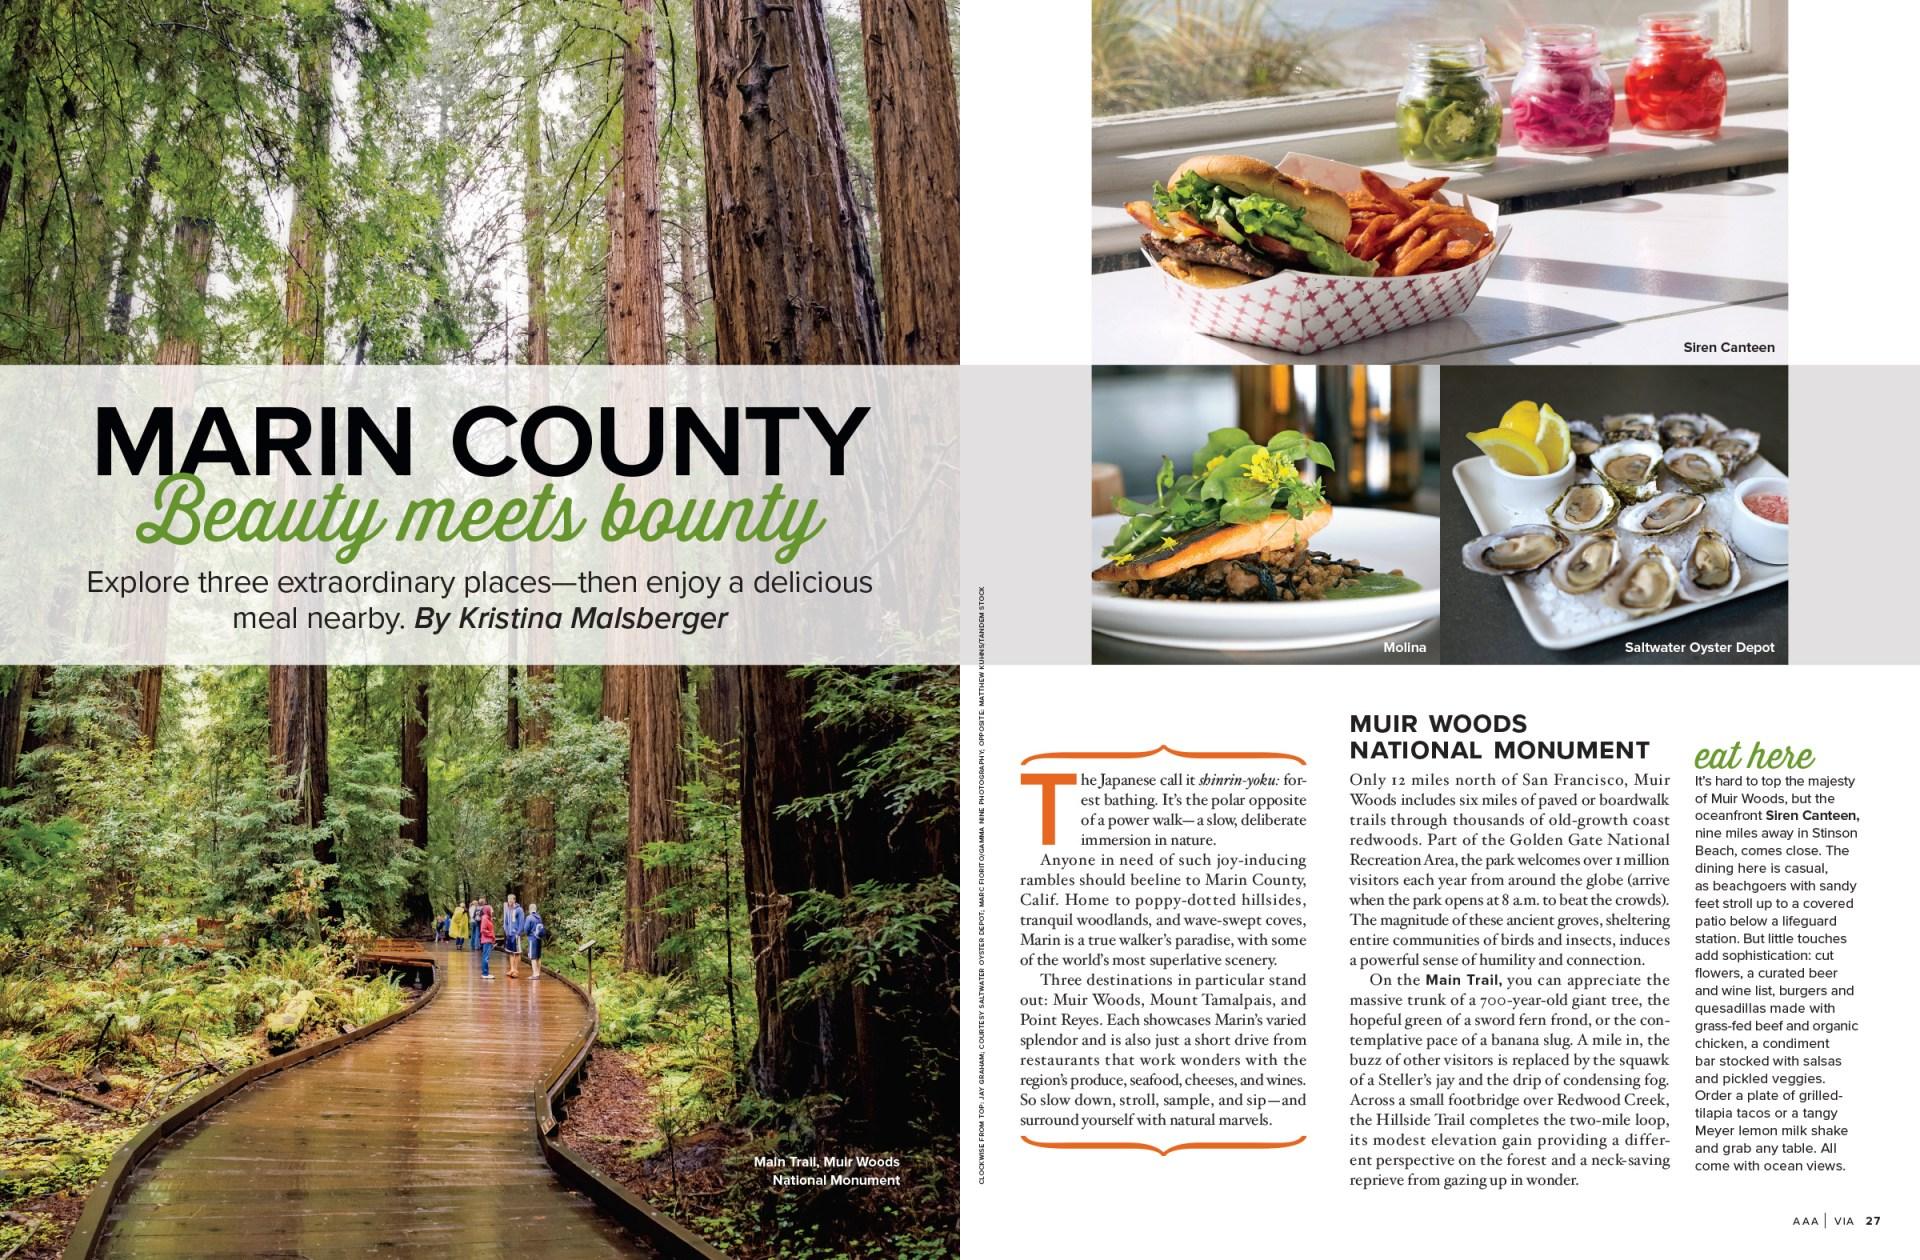 Marin County Beauty Meets Bounty spread